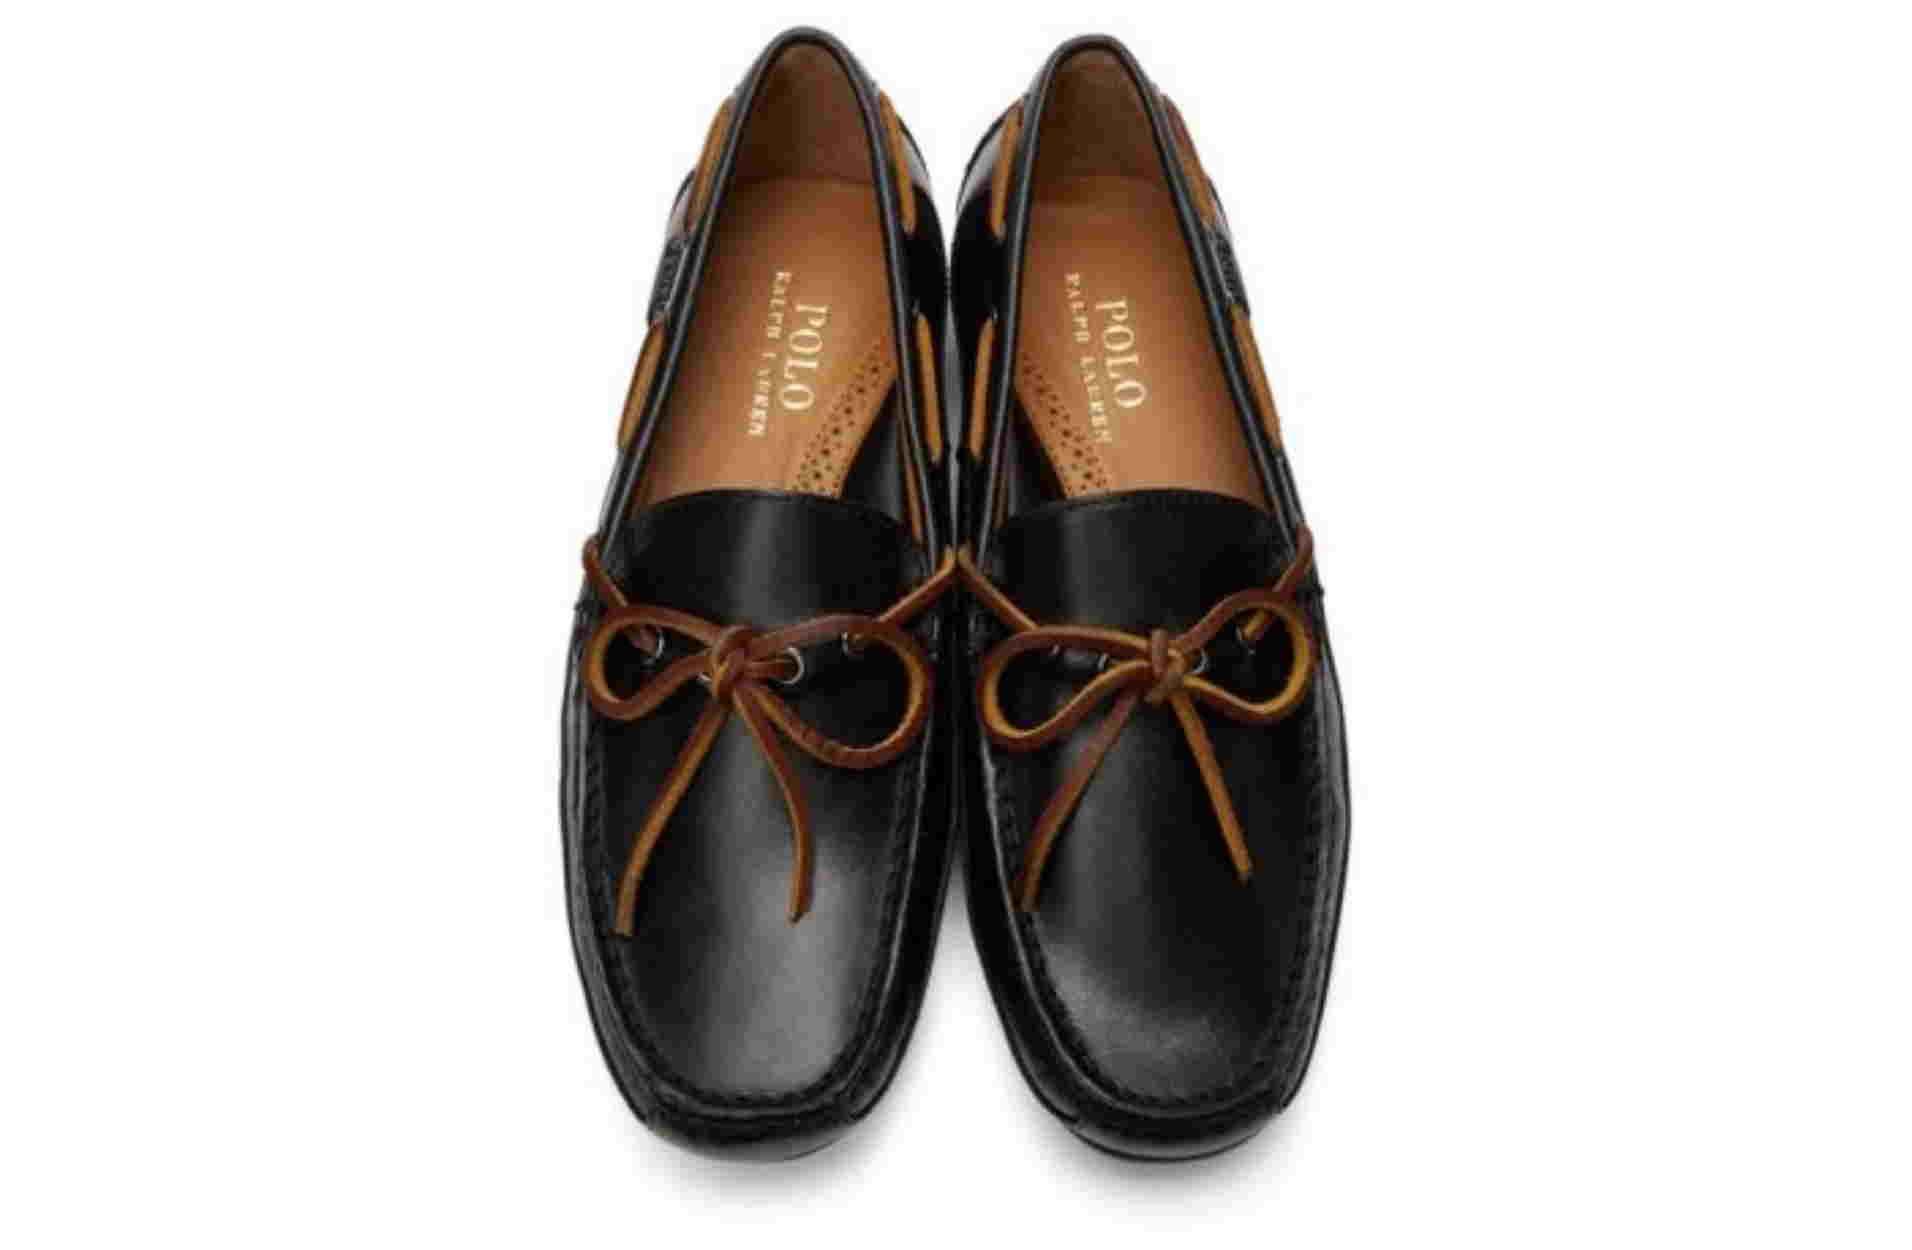 12 ανοιξιάτικα/καλοκαιρινά παπούτσια που μπορείς να φορέσεις σε κάθε περίσταση